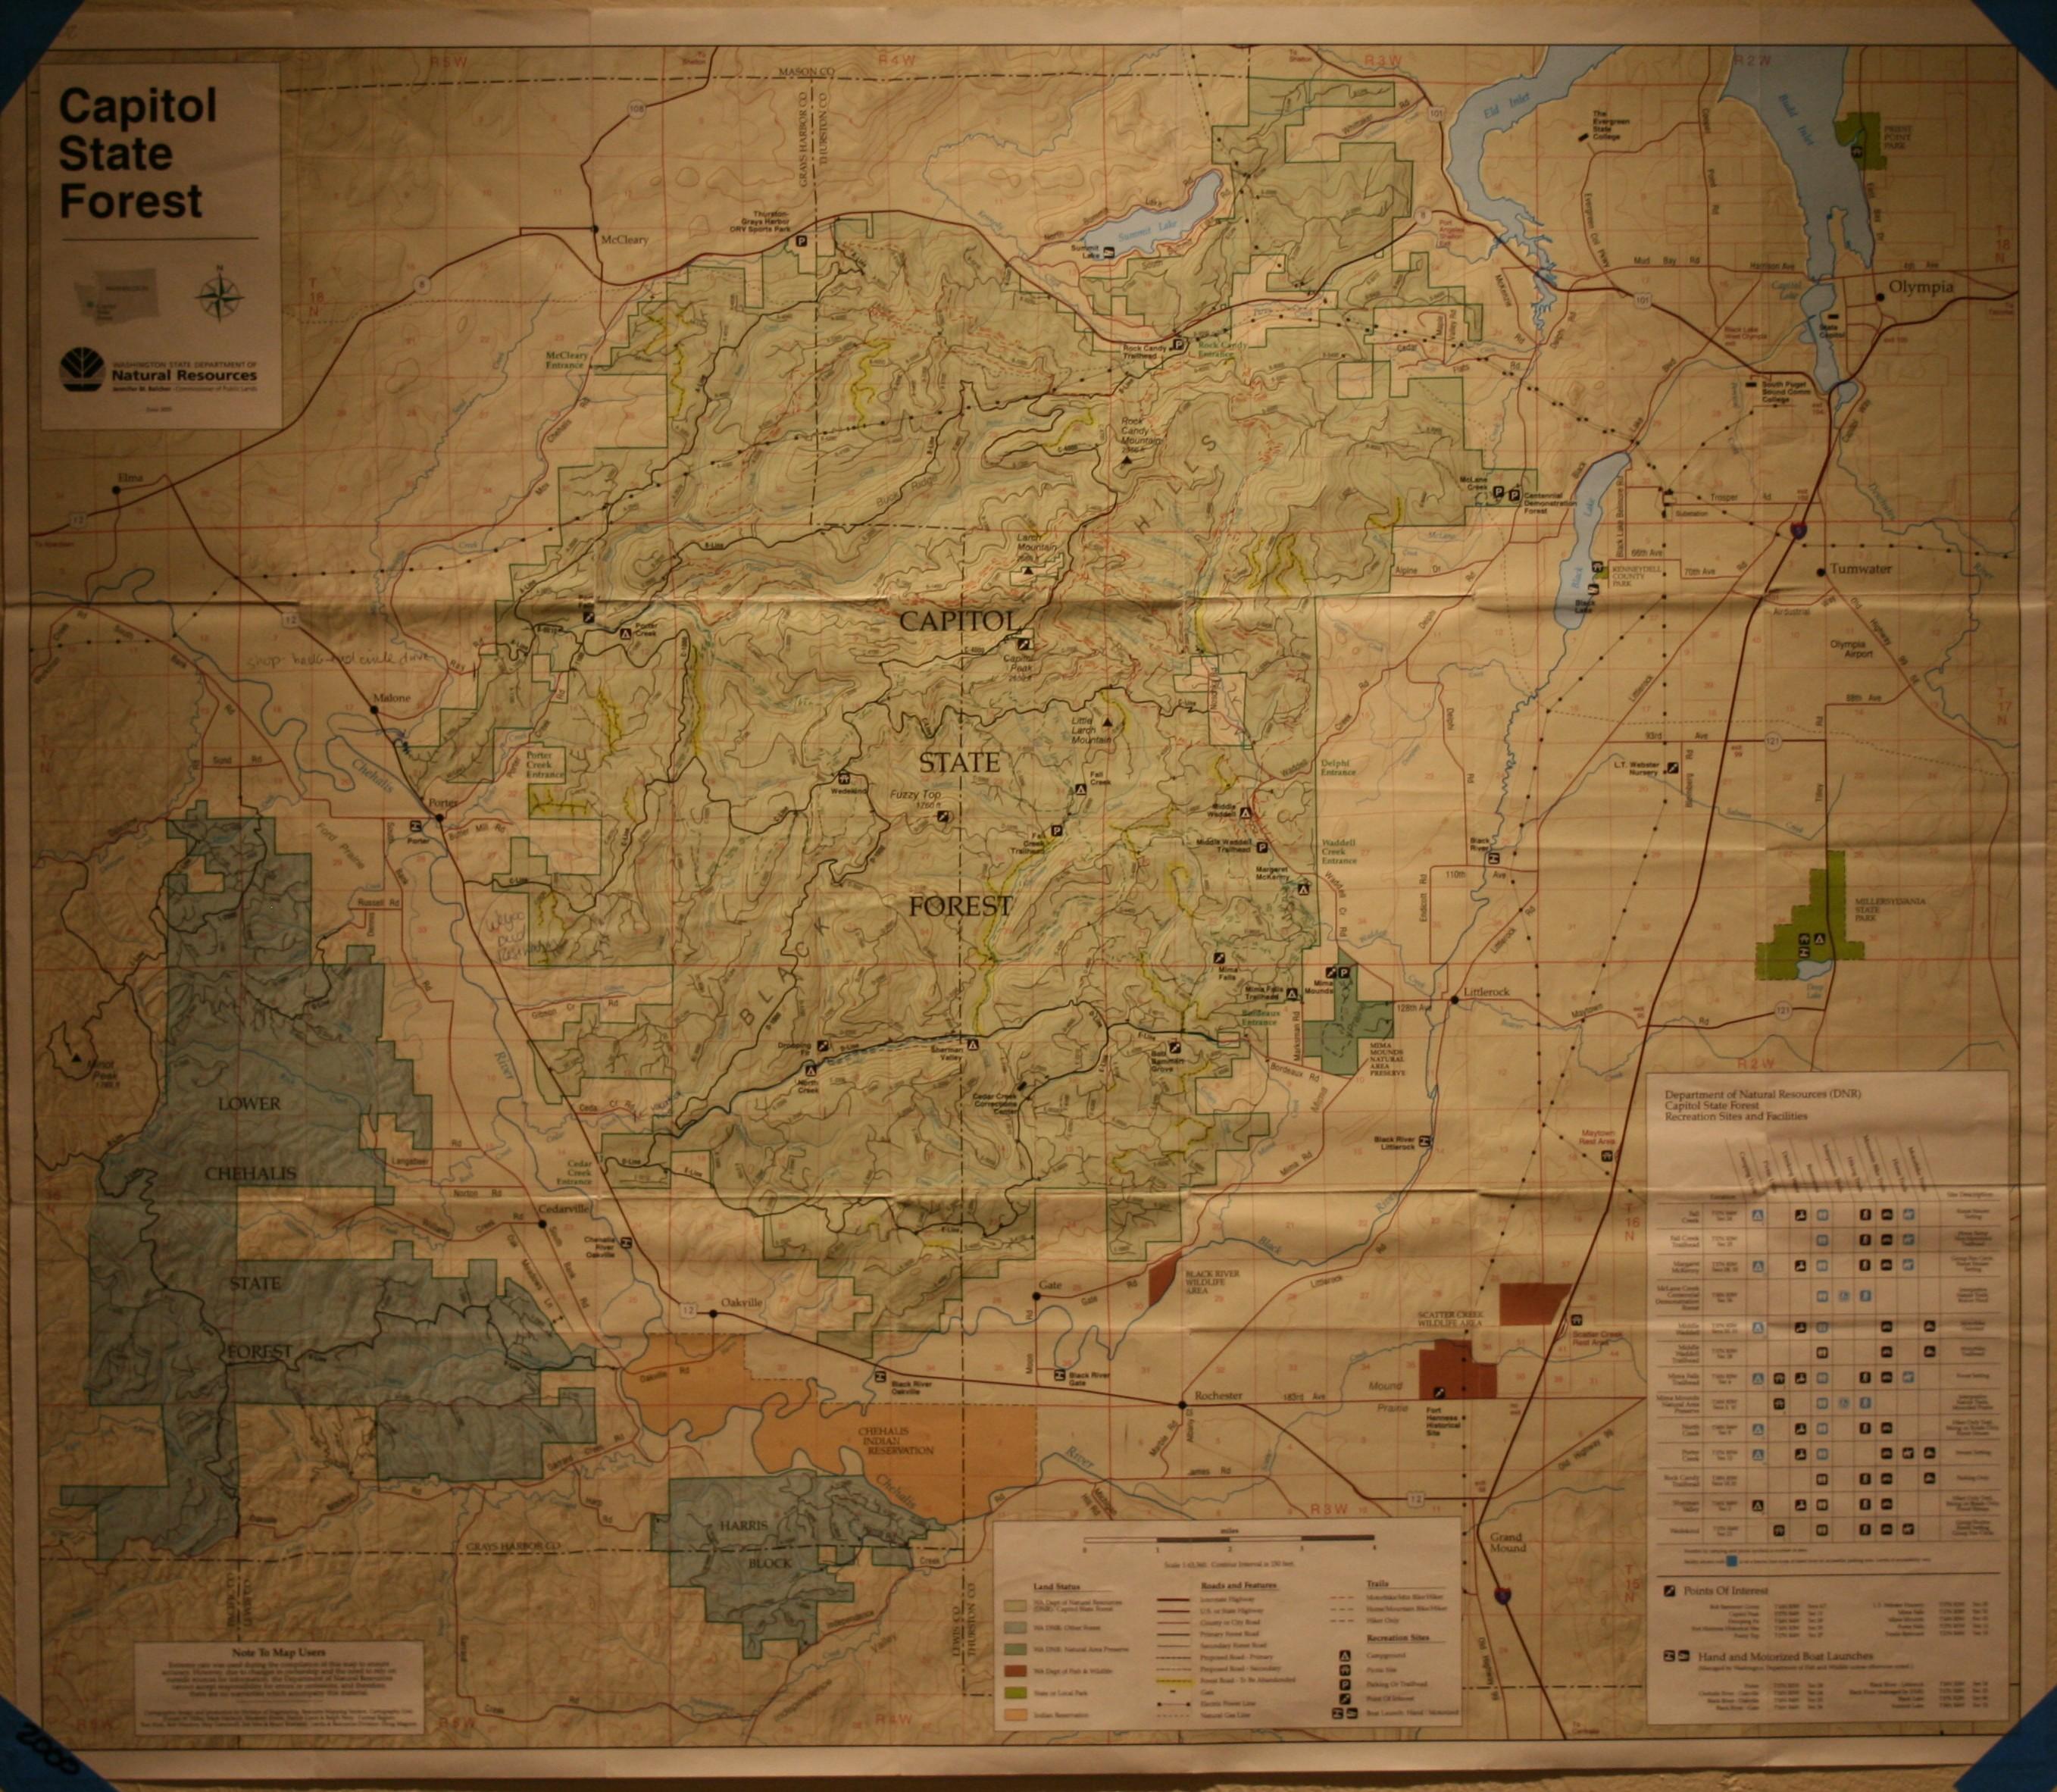 Capitol Forest Washington Capital Forest Washington